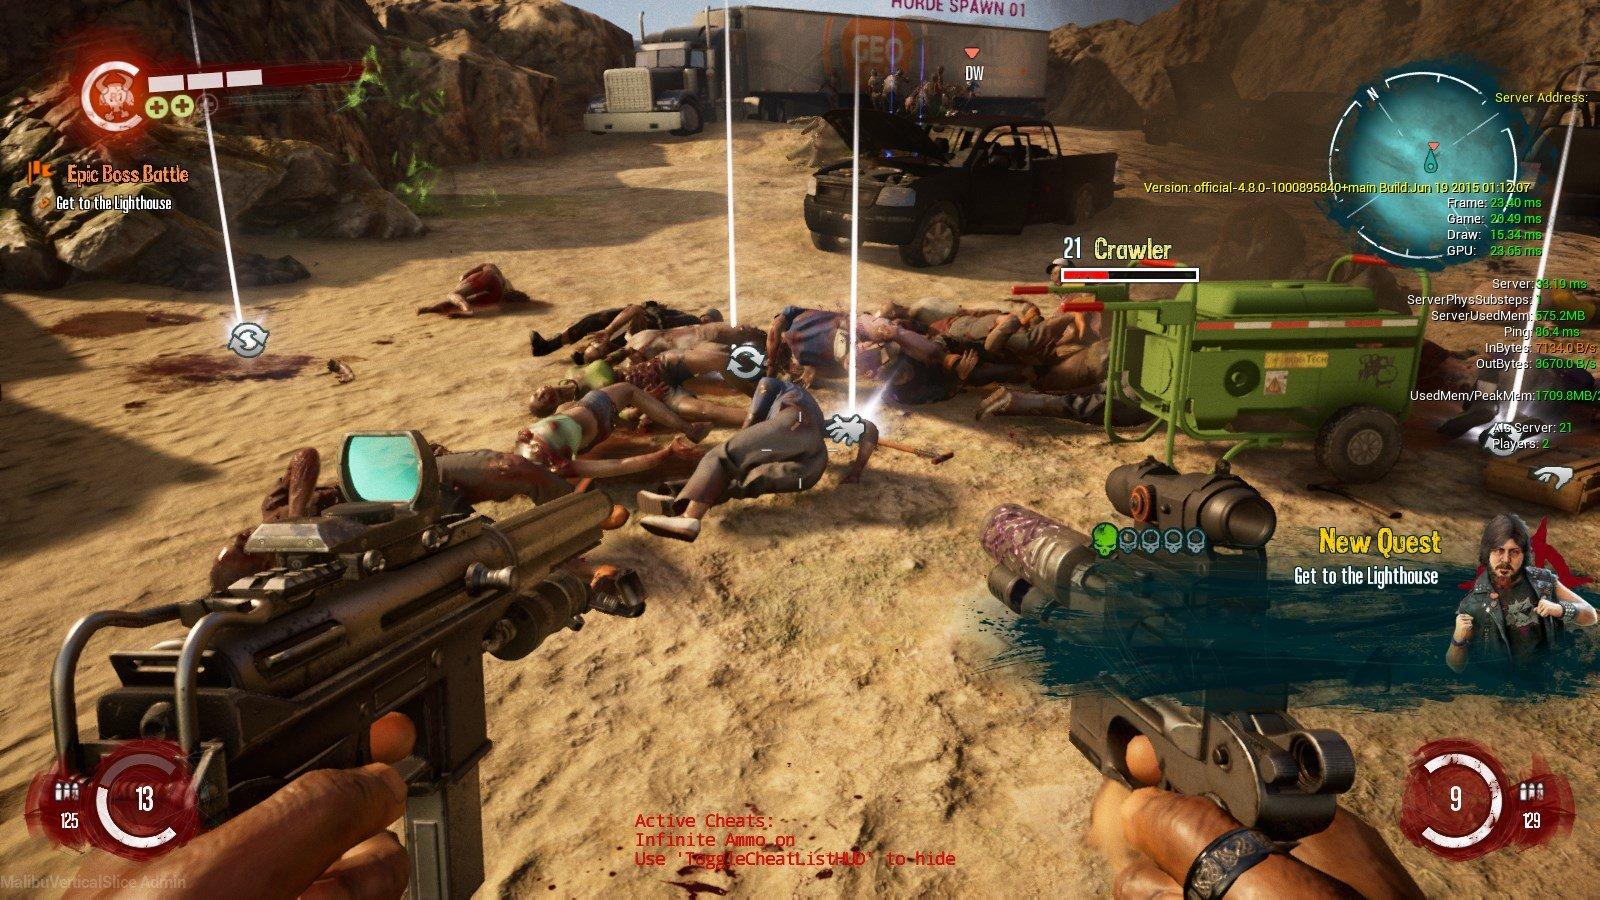 《死亡岛2》2015开发版本新截图泄露 看起来还可以